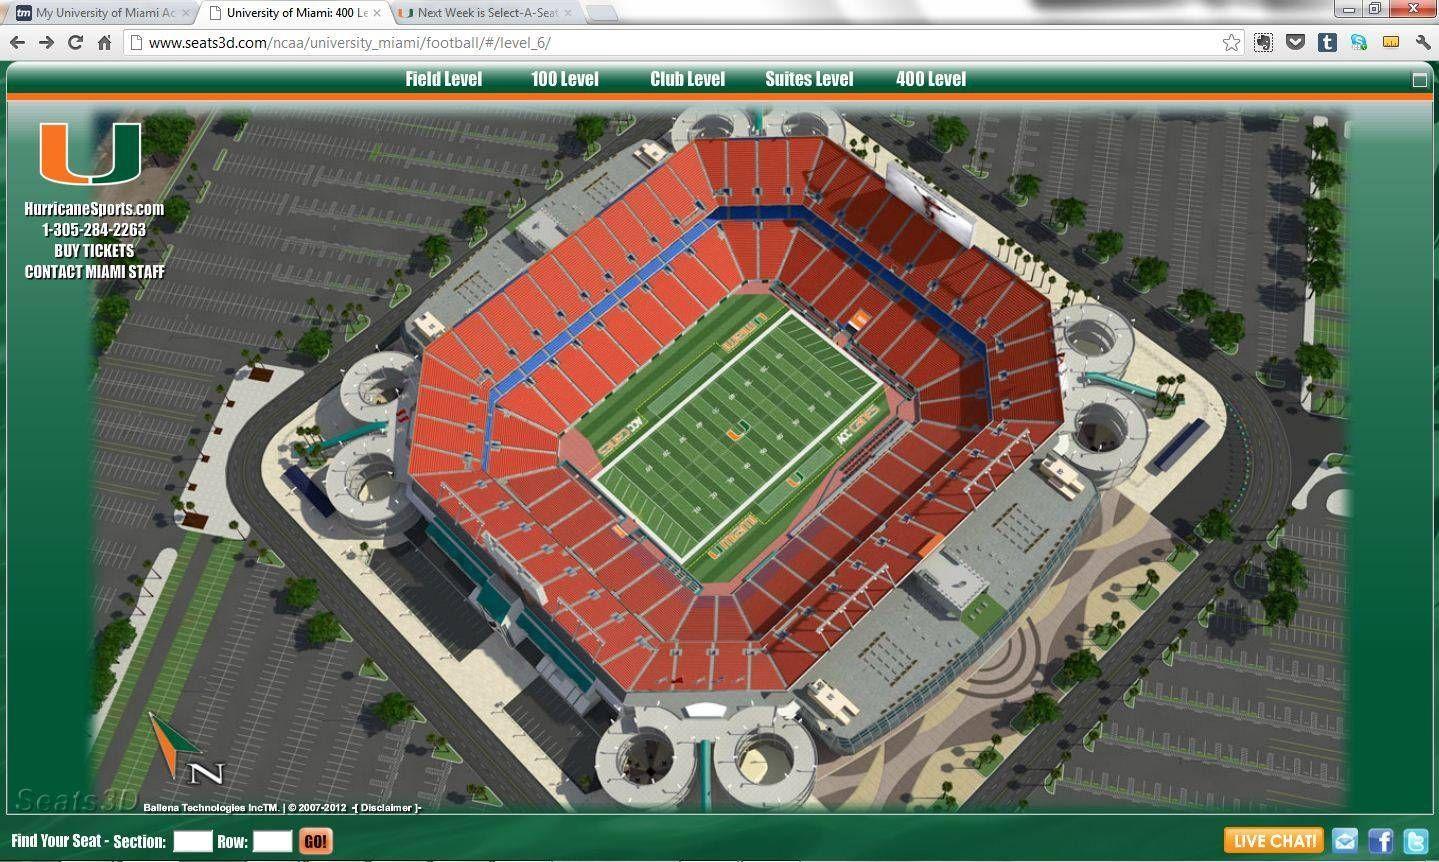 UM Launches Virtual Stadium With Seats3D.com